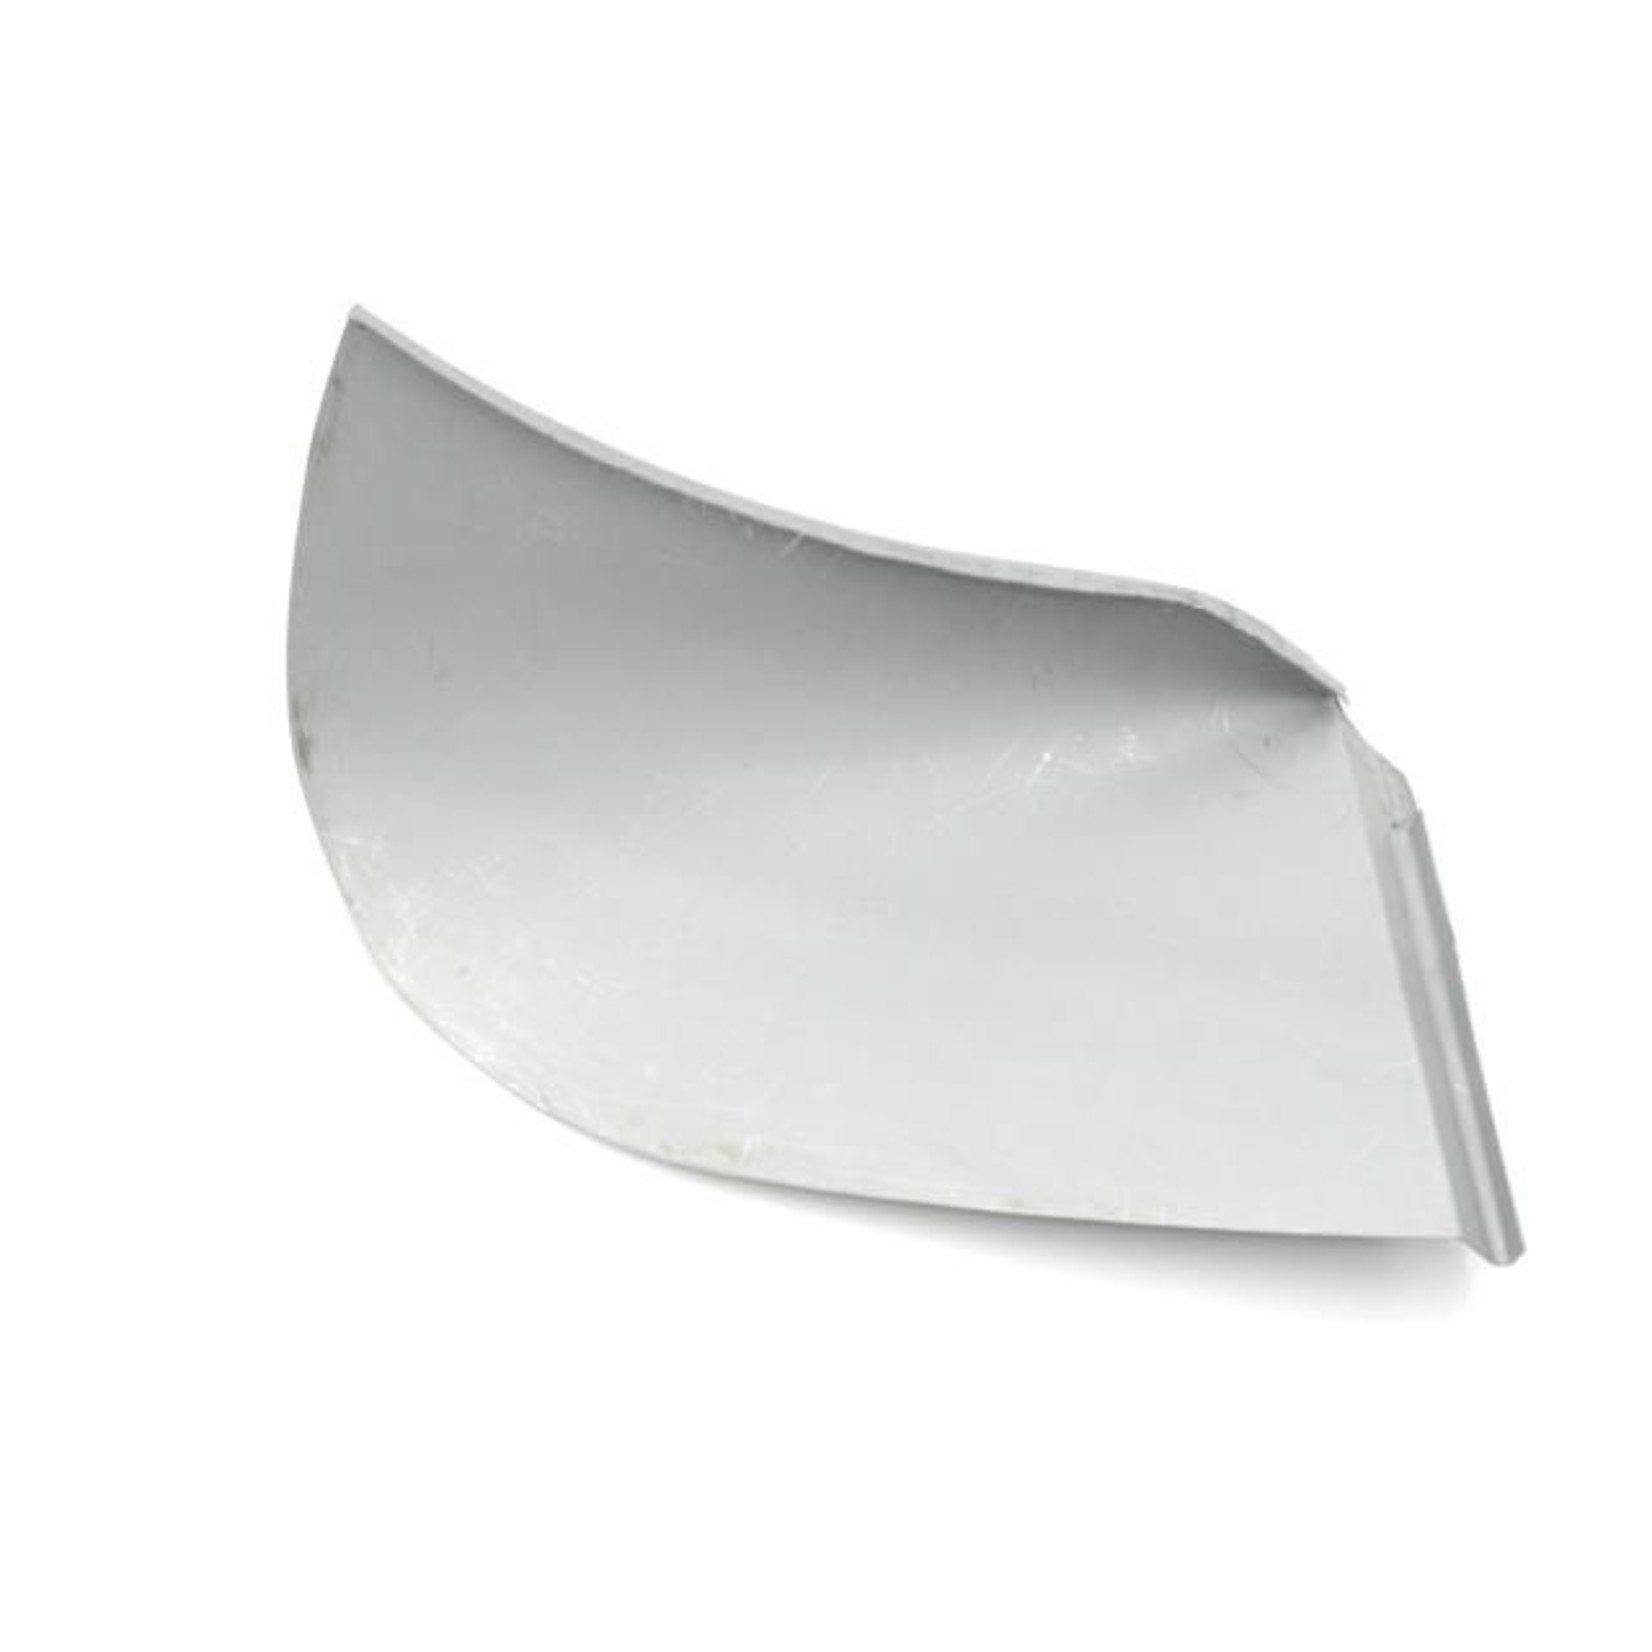 Panel de reparación aleta delantera - parachoque derecha 69- Nr Org: 5425982